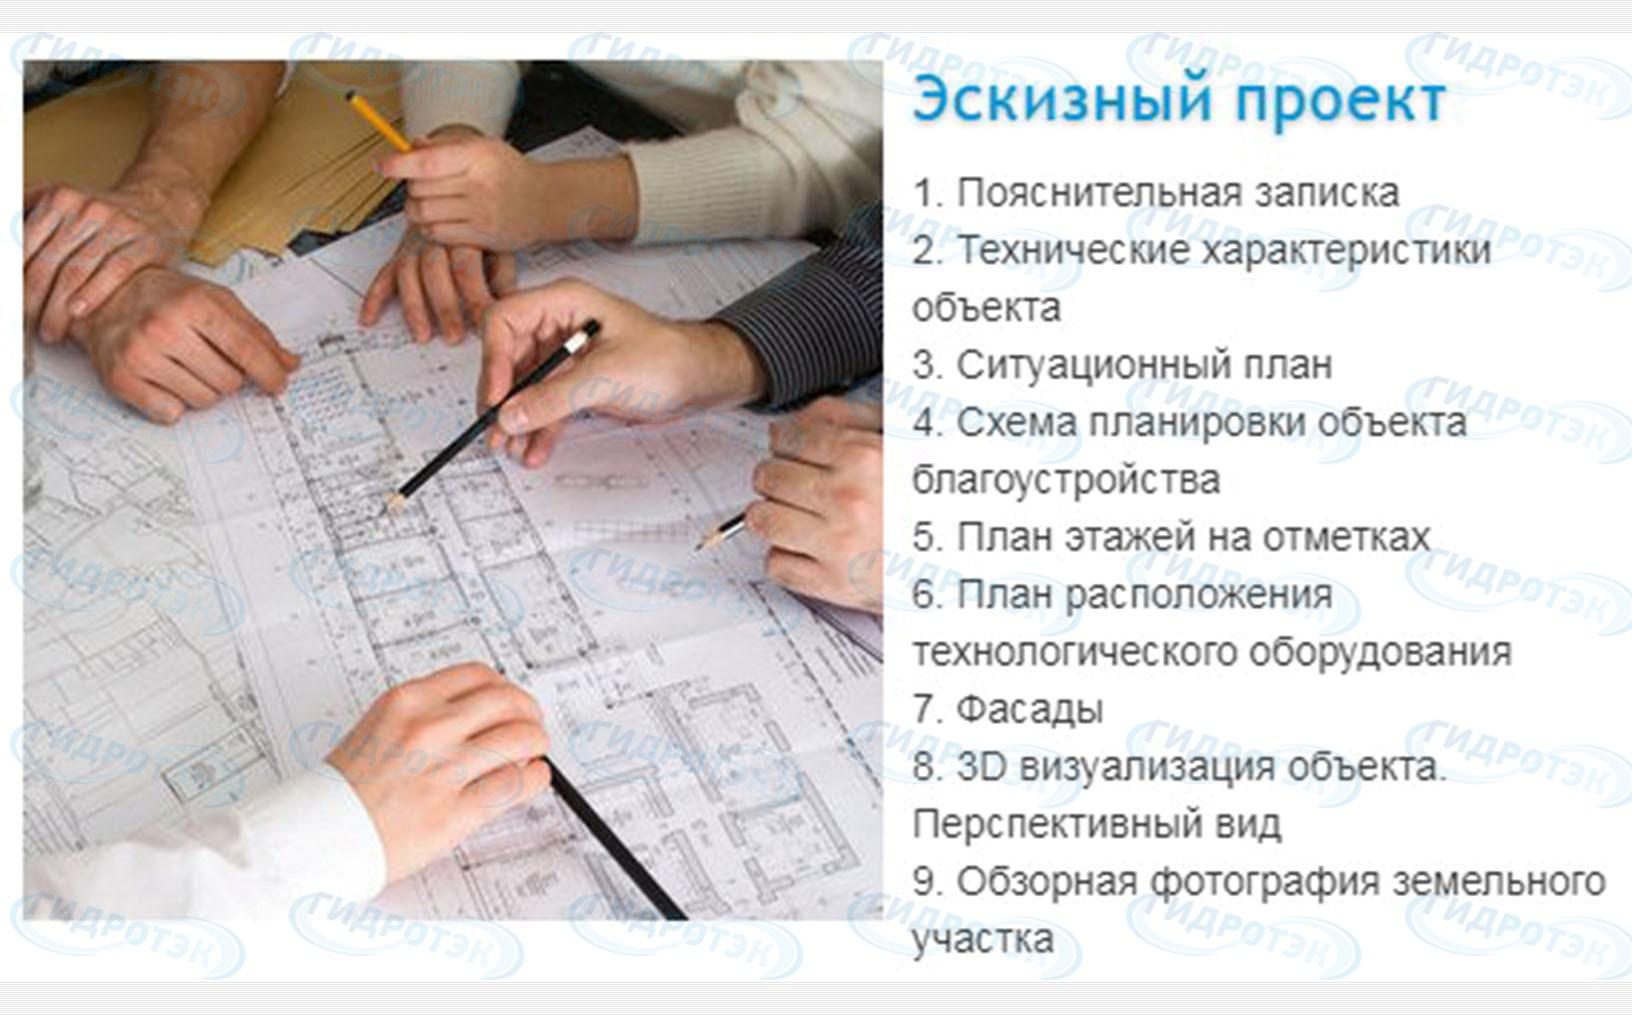 Строительство автосервисов